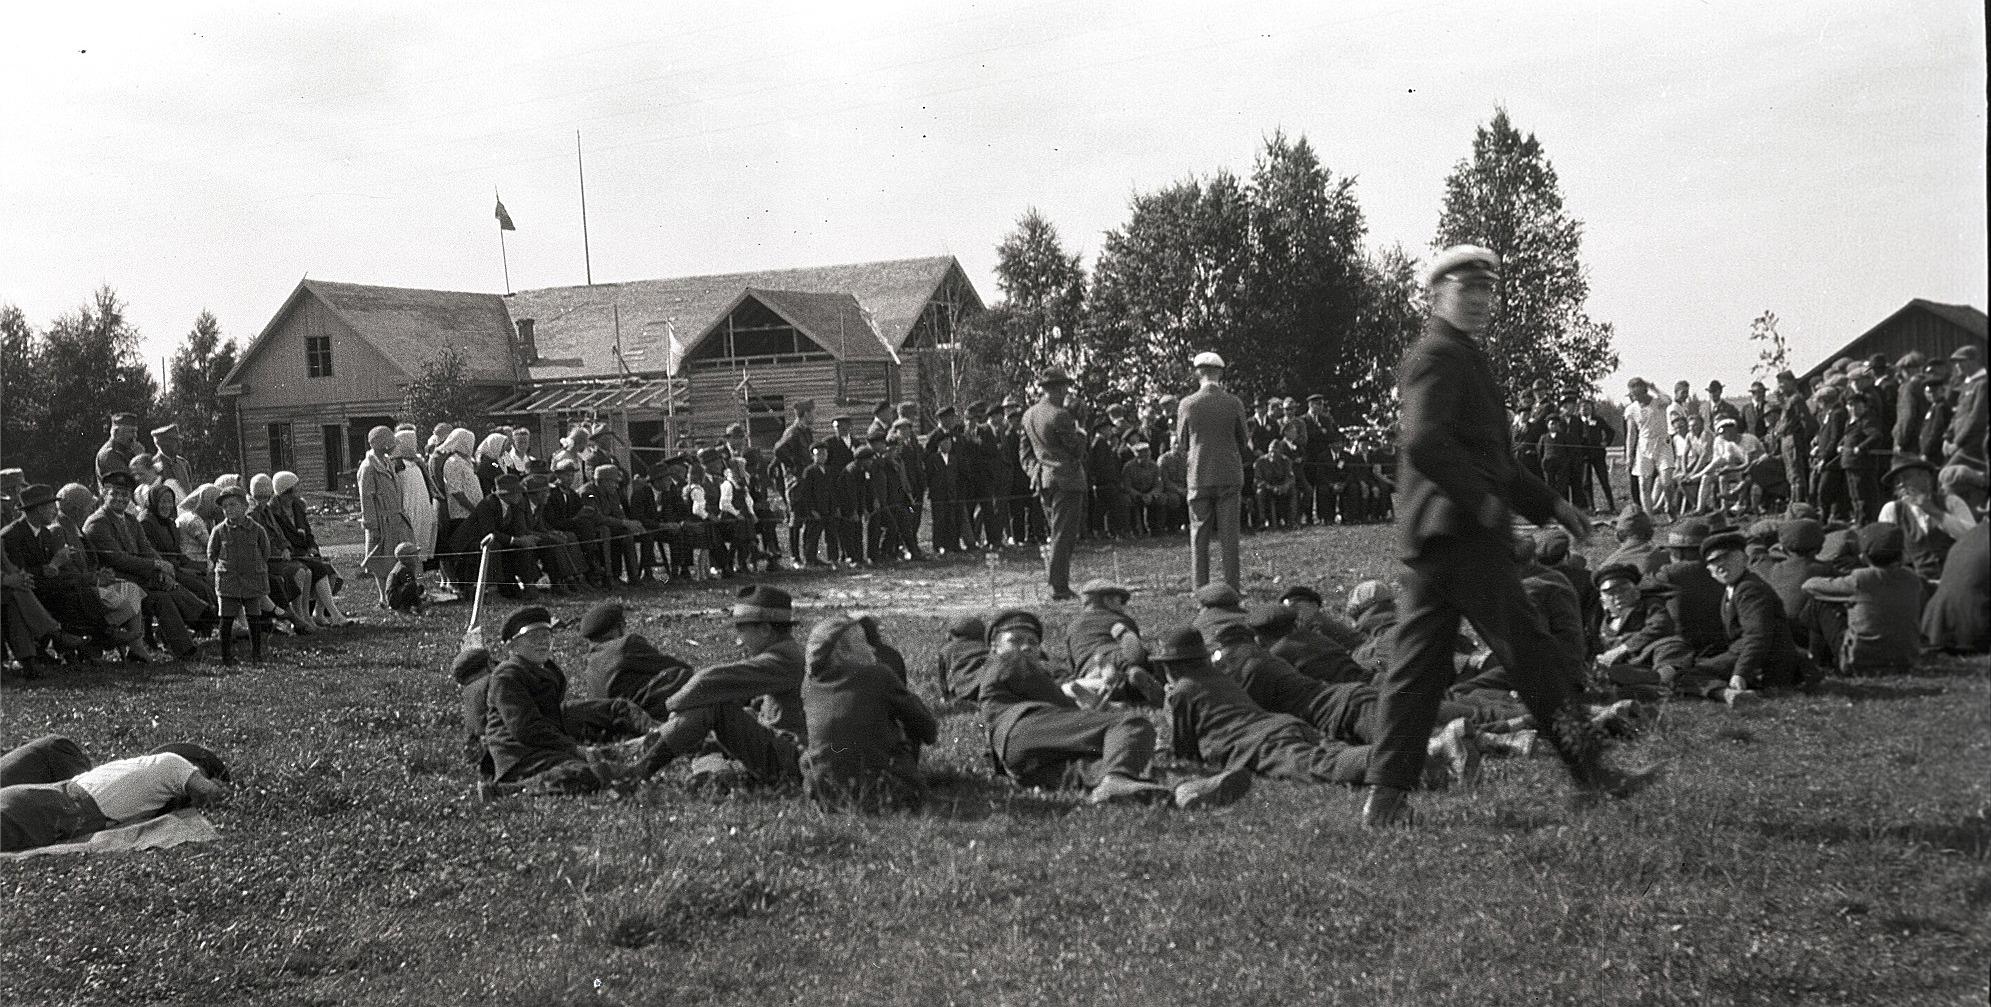 Det var mycket publik på kretsmästerskapen år 1928. I bakgrunden syns tillbyggnaden av ungdomslokalen, som invigdes 26 juli 1929.